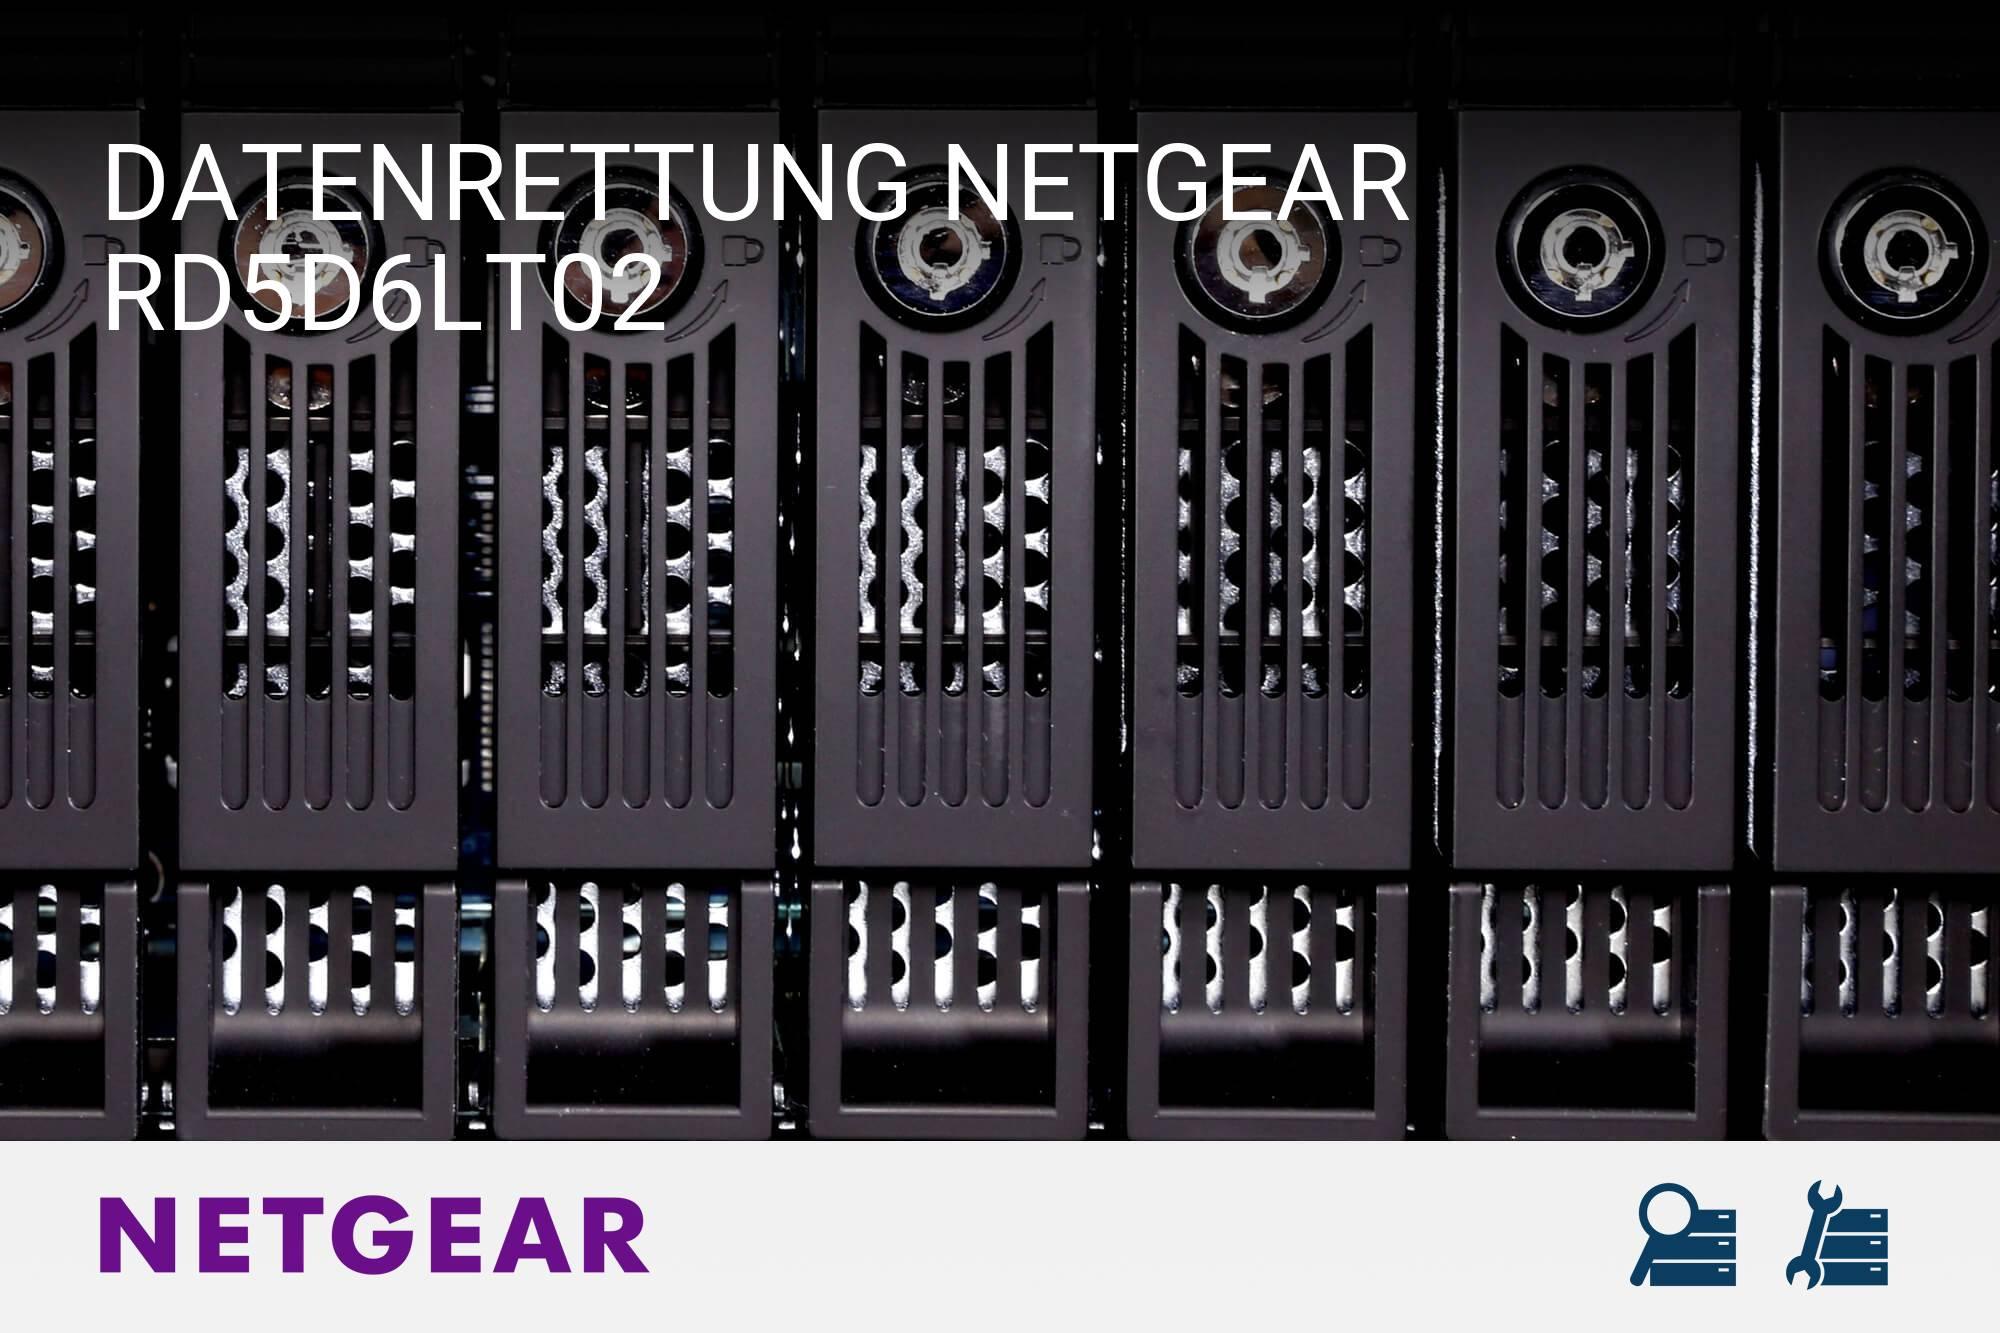 Netgear RD5D6LT02